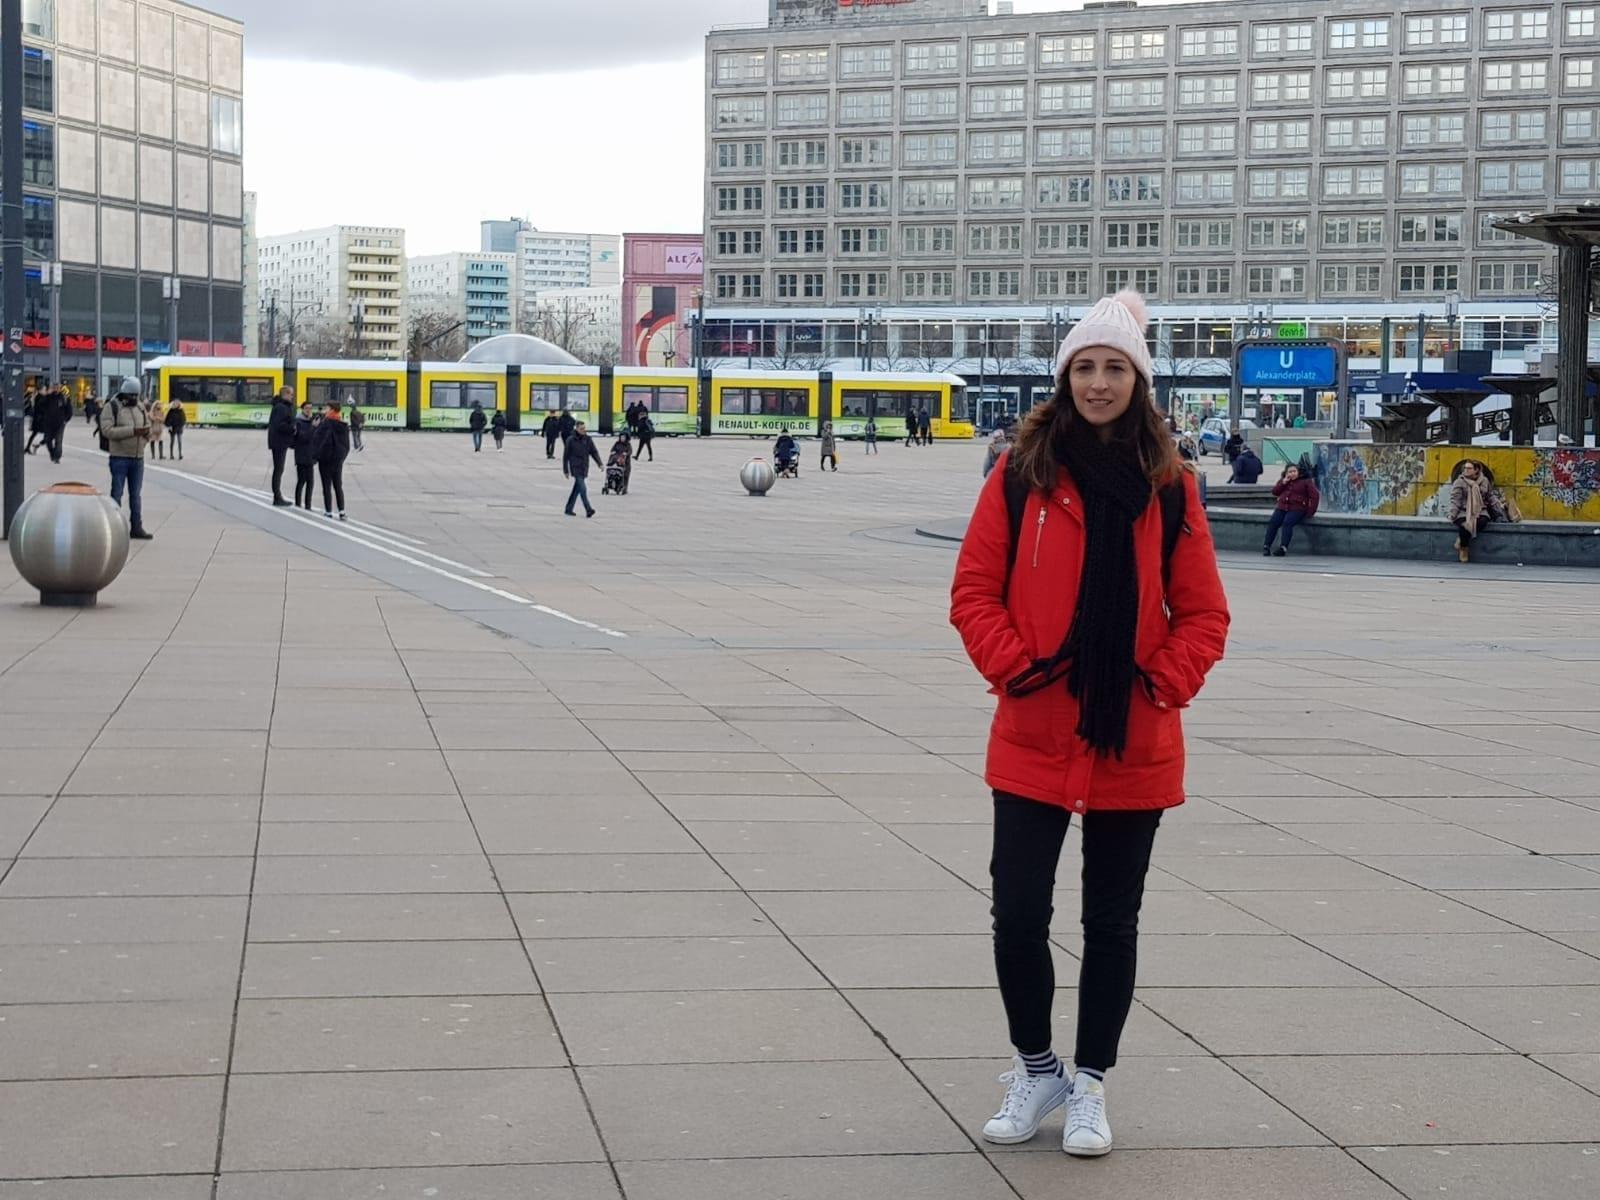 מה עושים בברלין, אנה ברודי, בלוג אופנה, אלכסנדרפלץ,